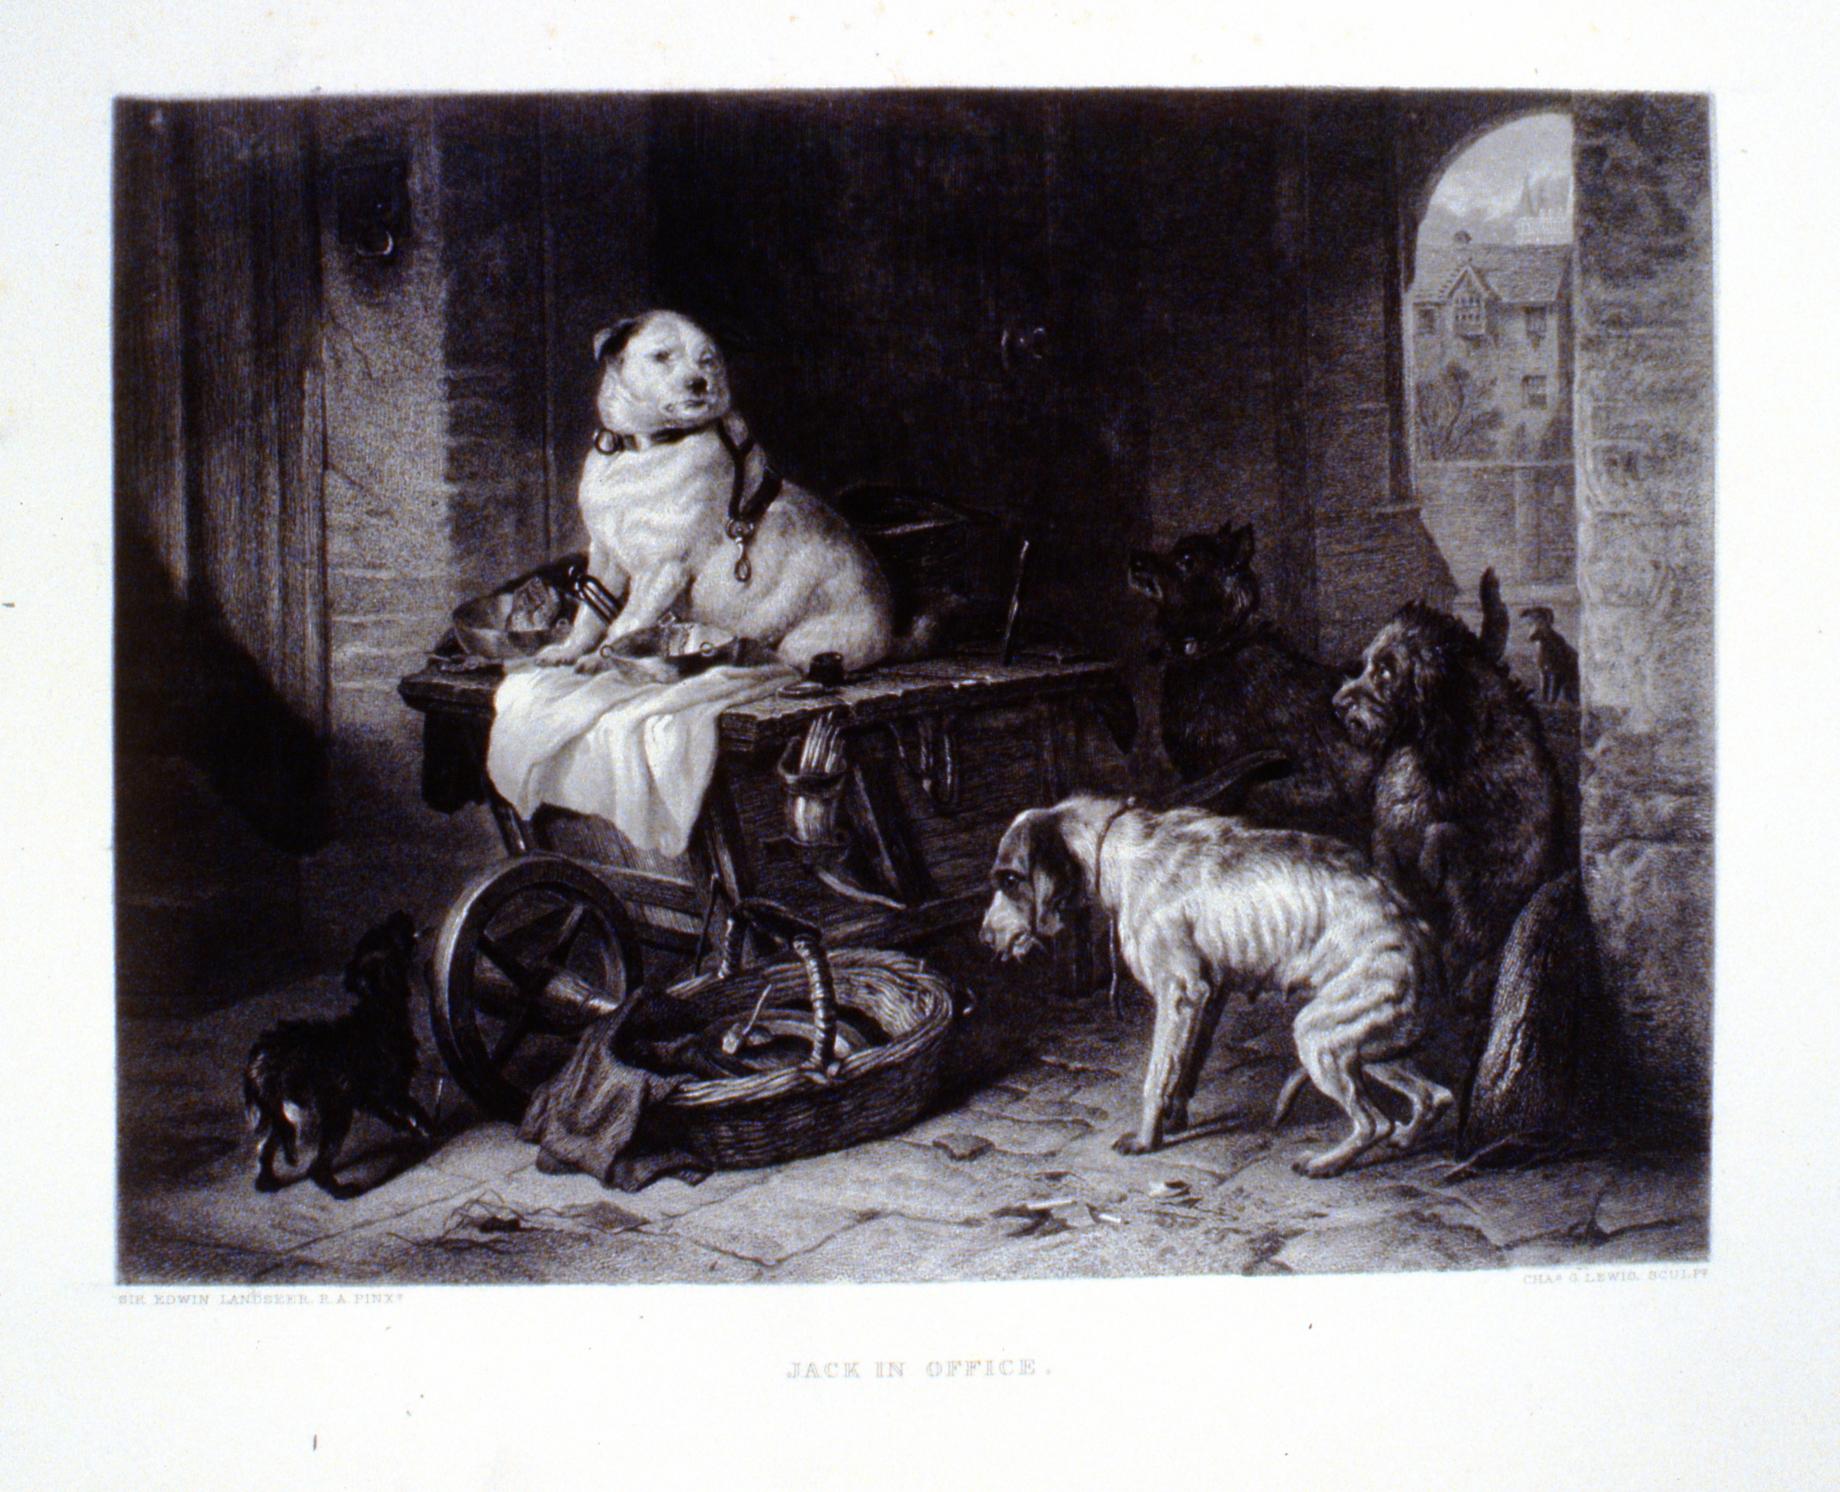 Jack in Office , c. late 19th Century, Charles G. Lewis, steel engraving, 19.3 cm x 26.4 cm, 1996.08.21, gift of Yvonne Adams